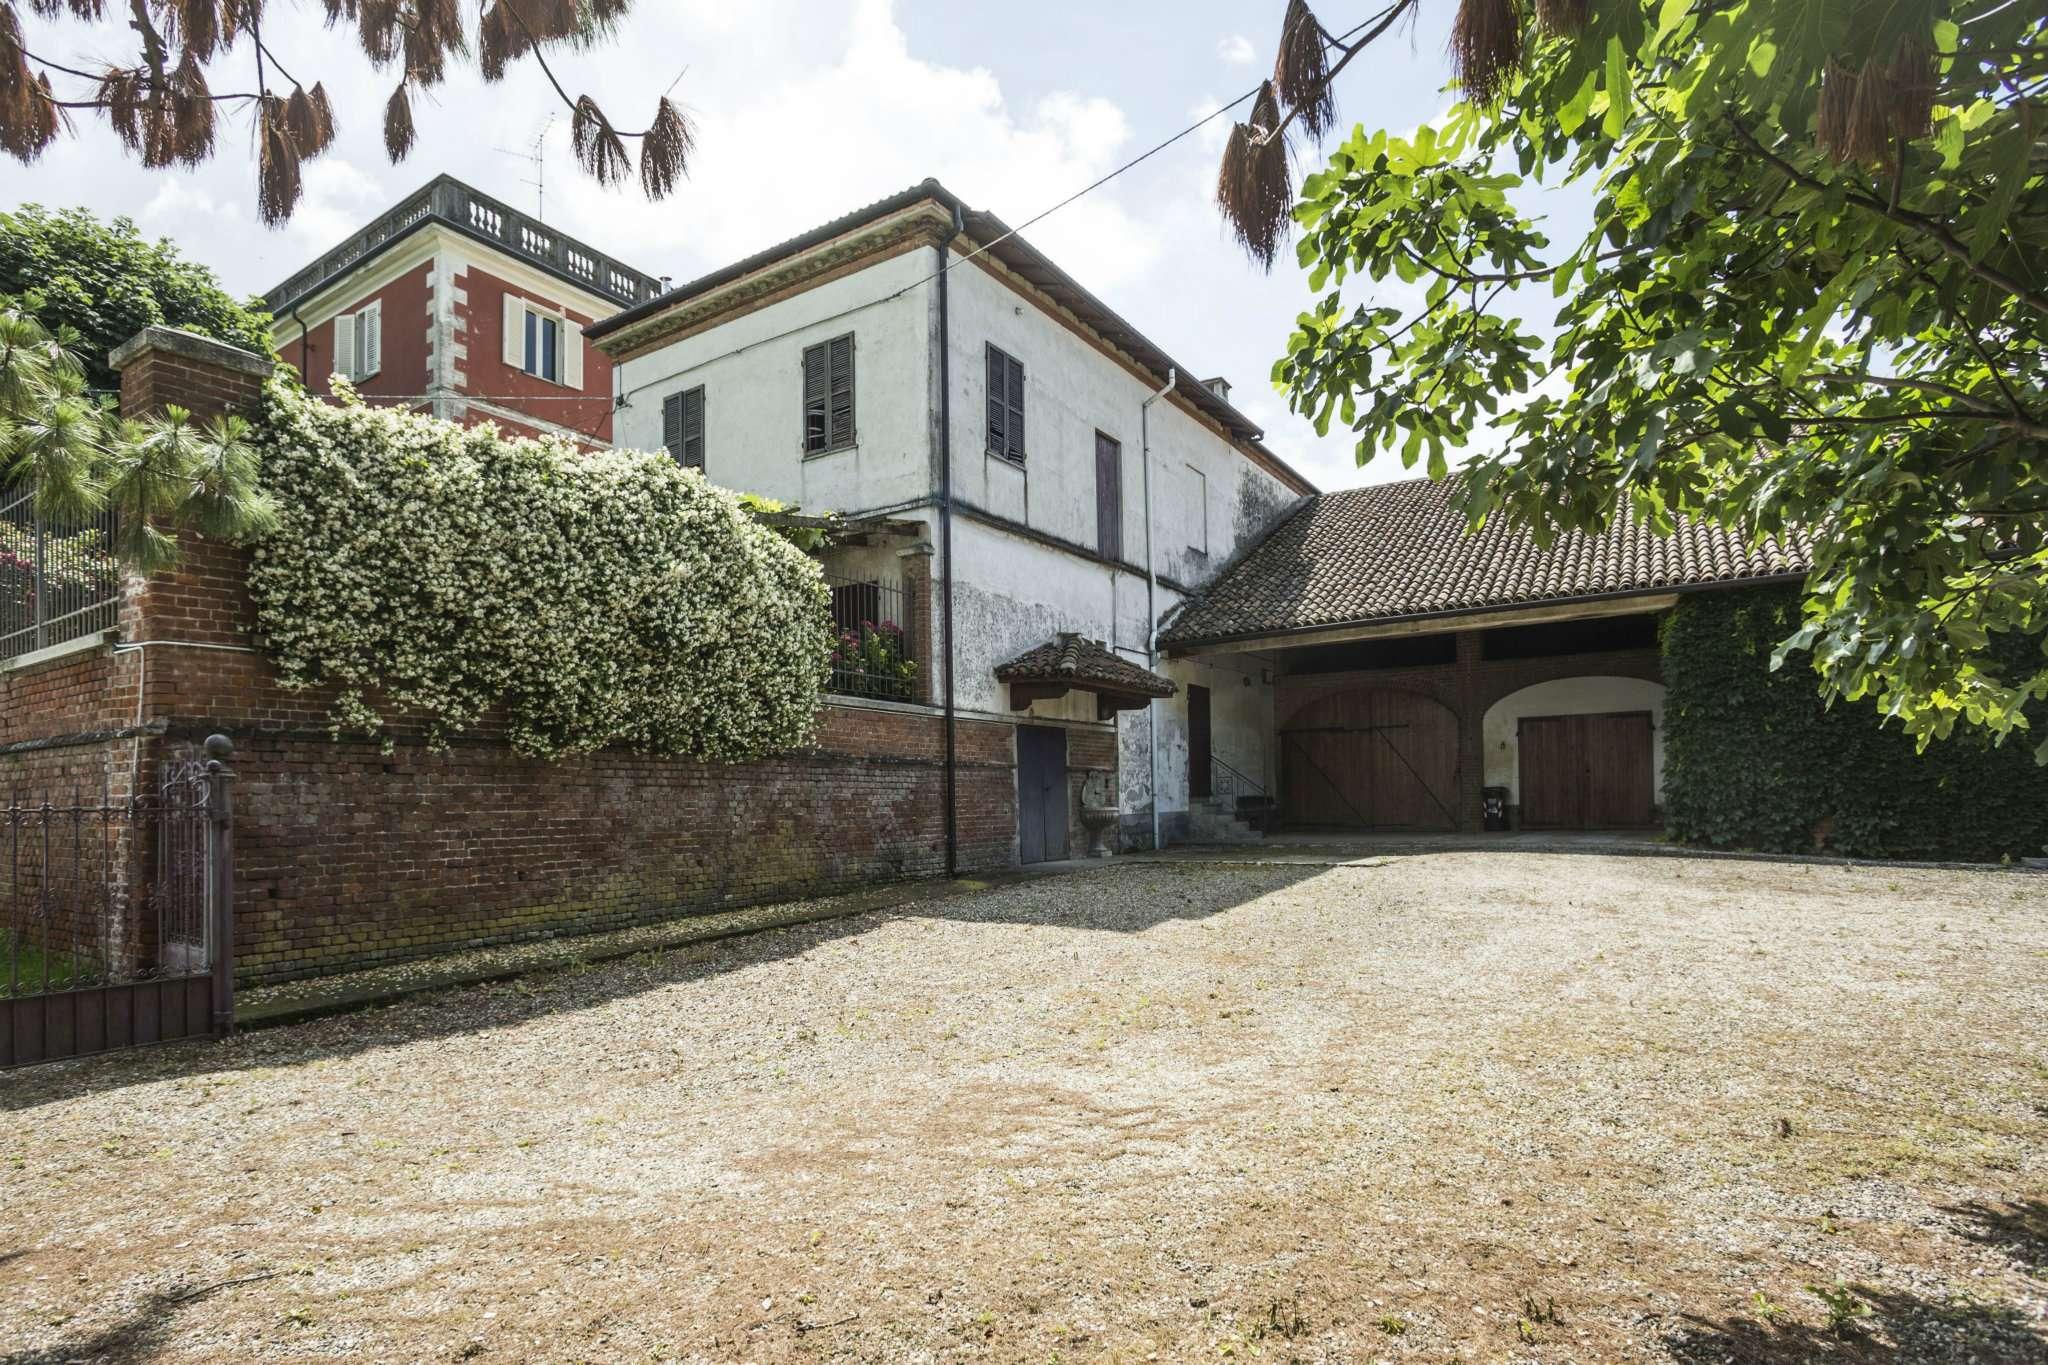 Rustico / Casale in vendita a Camagna Monferrato, 6 locali, prezzo € 620.000 | CambioCasa.it